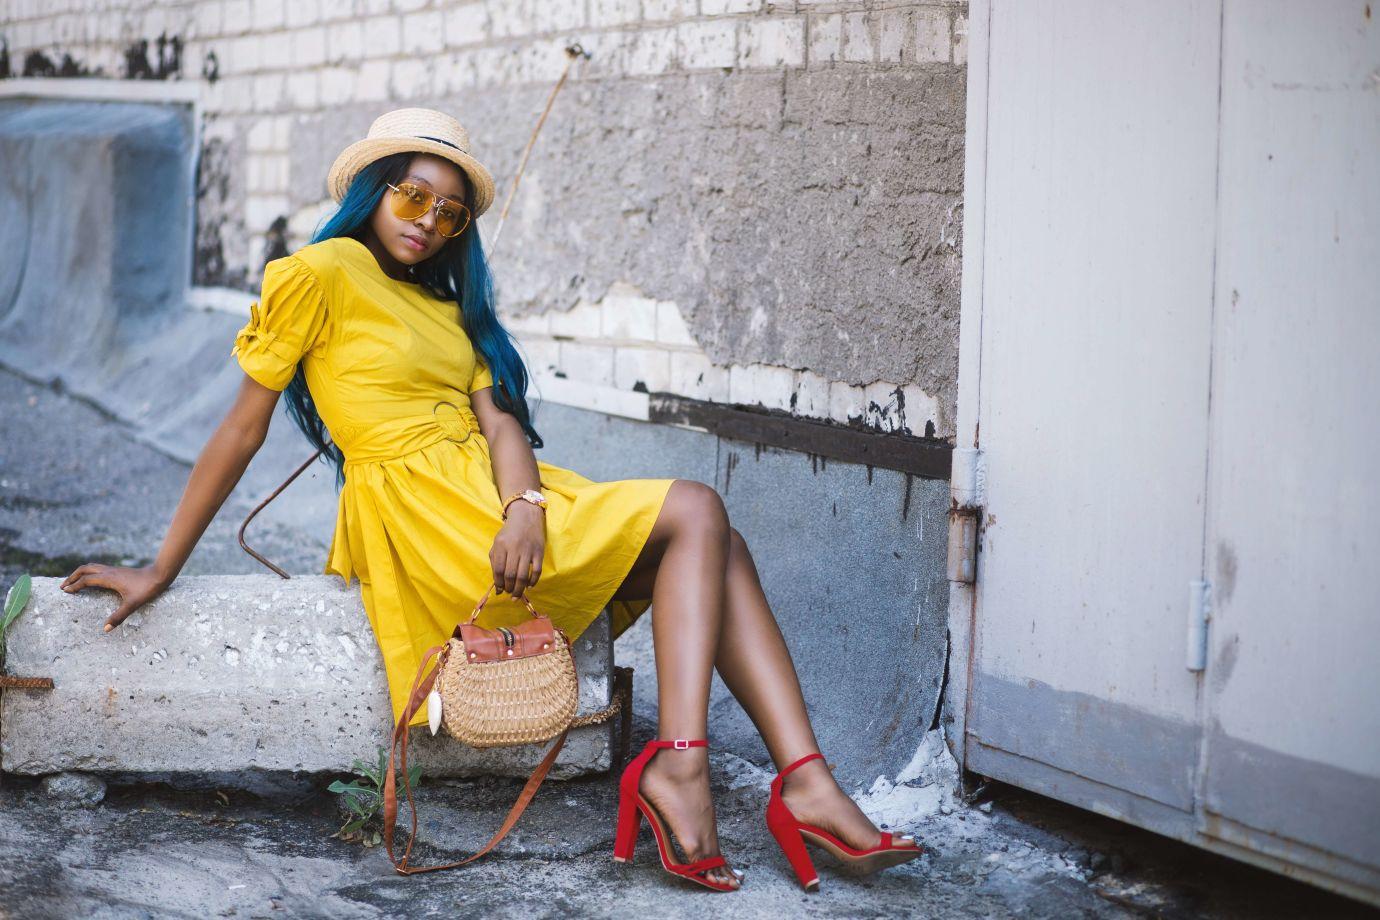 Frau mit gelbem Kleid und roten High-Heels